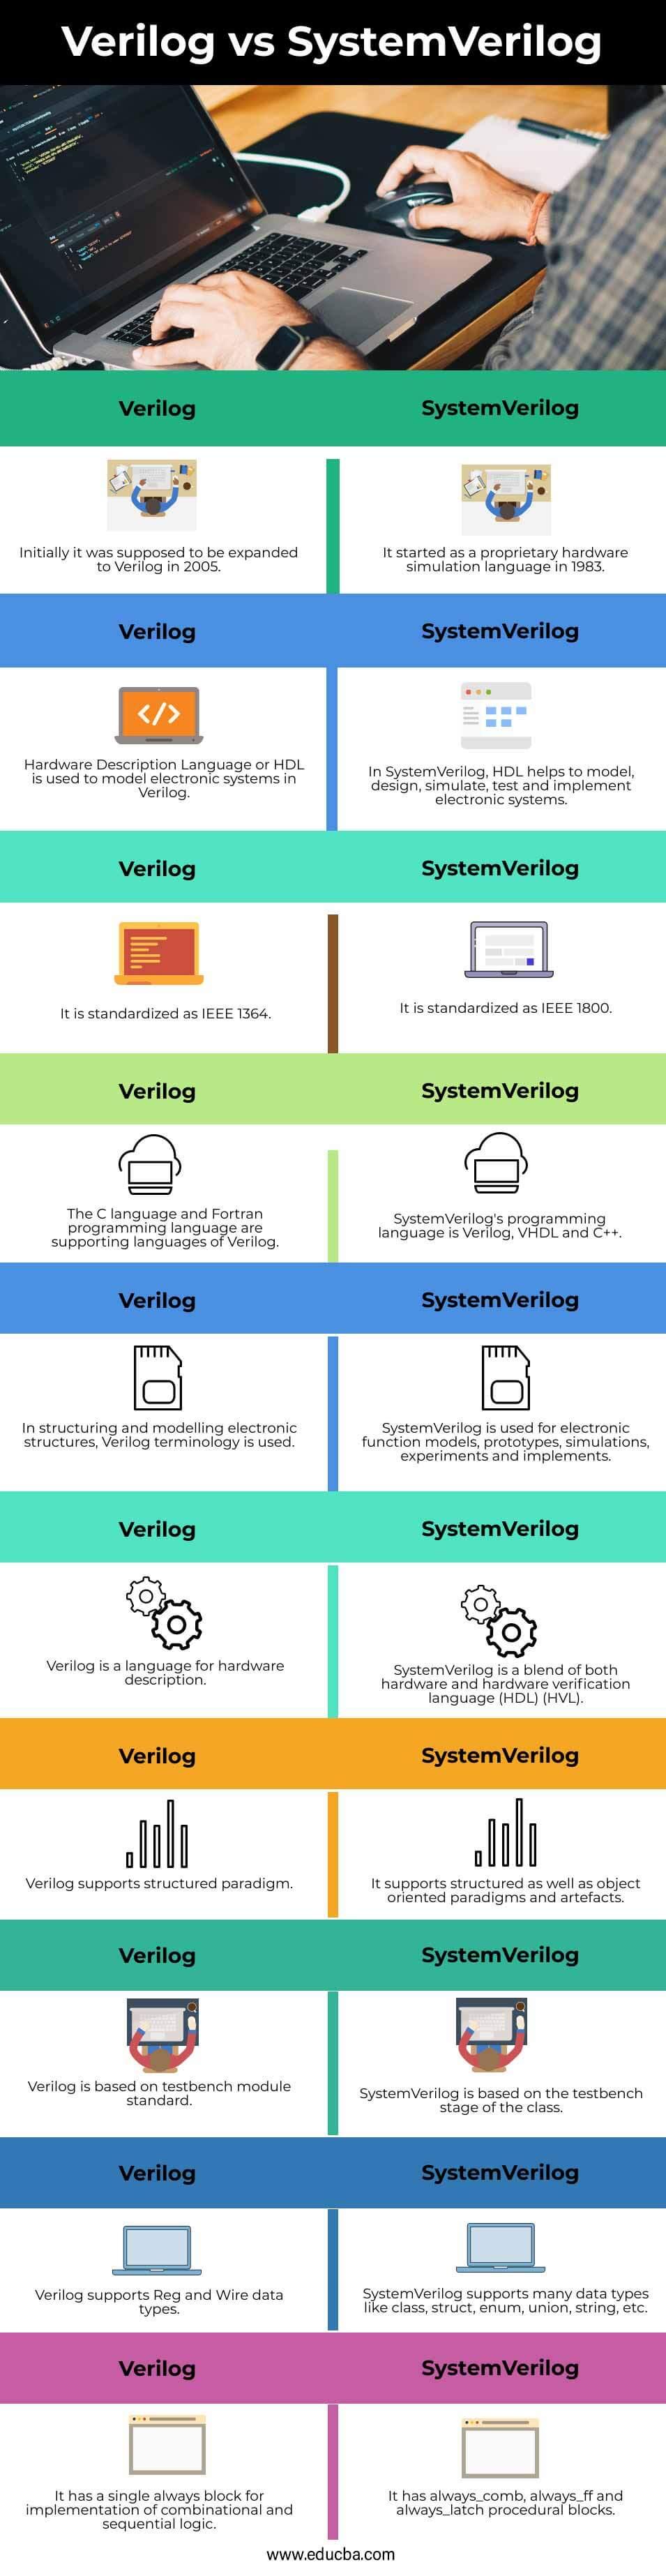 Verilog-vs-SystemVerilog-info